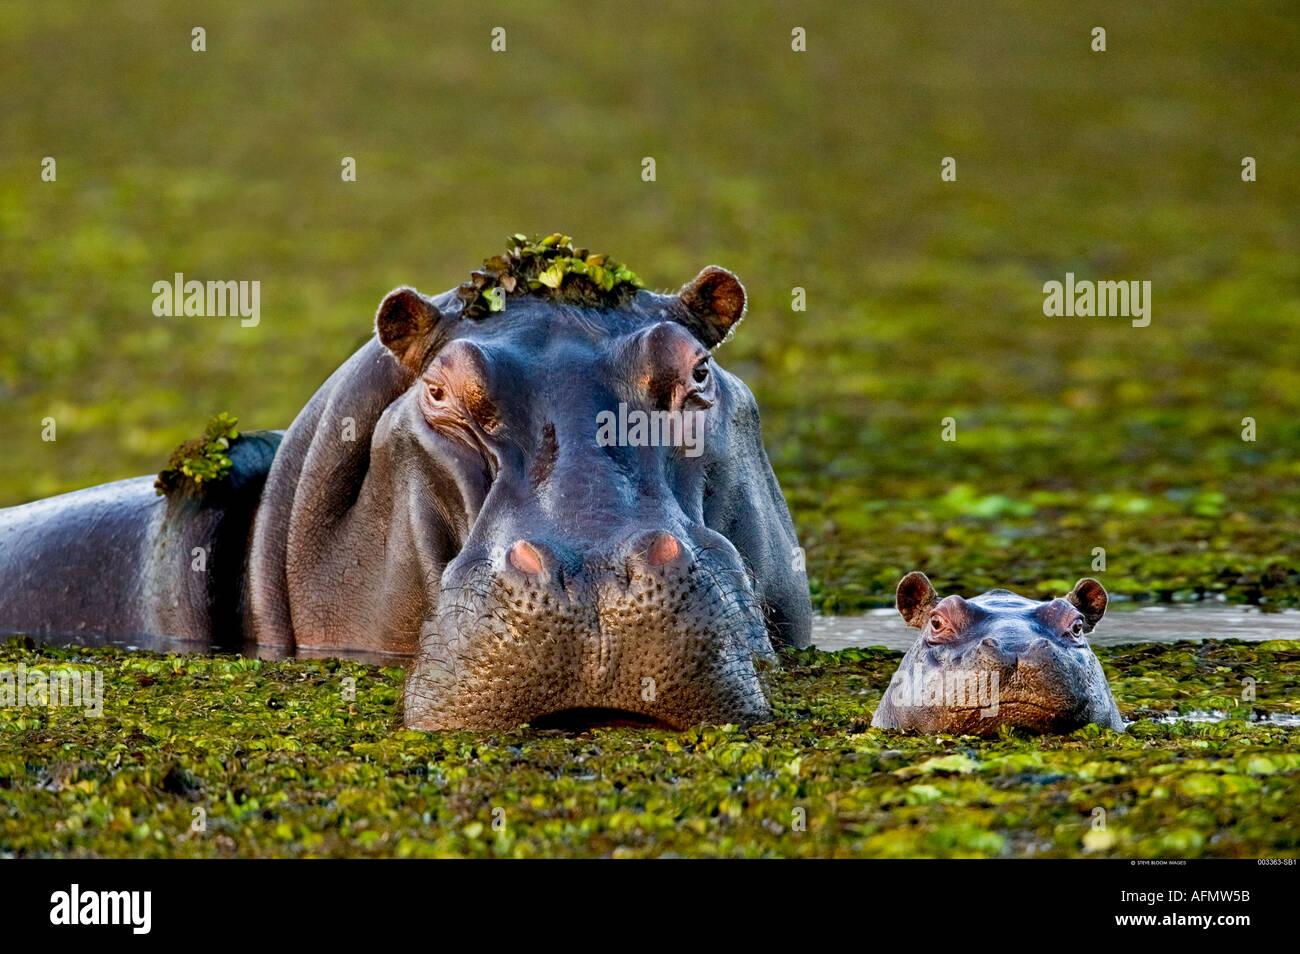 La mère et le bébé hippo Delta de l'Okavango au Botswana Photo Stock